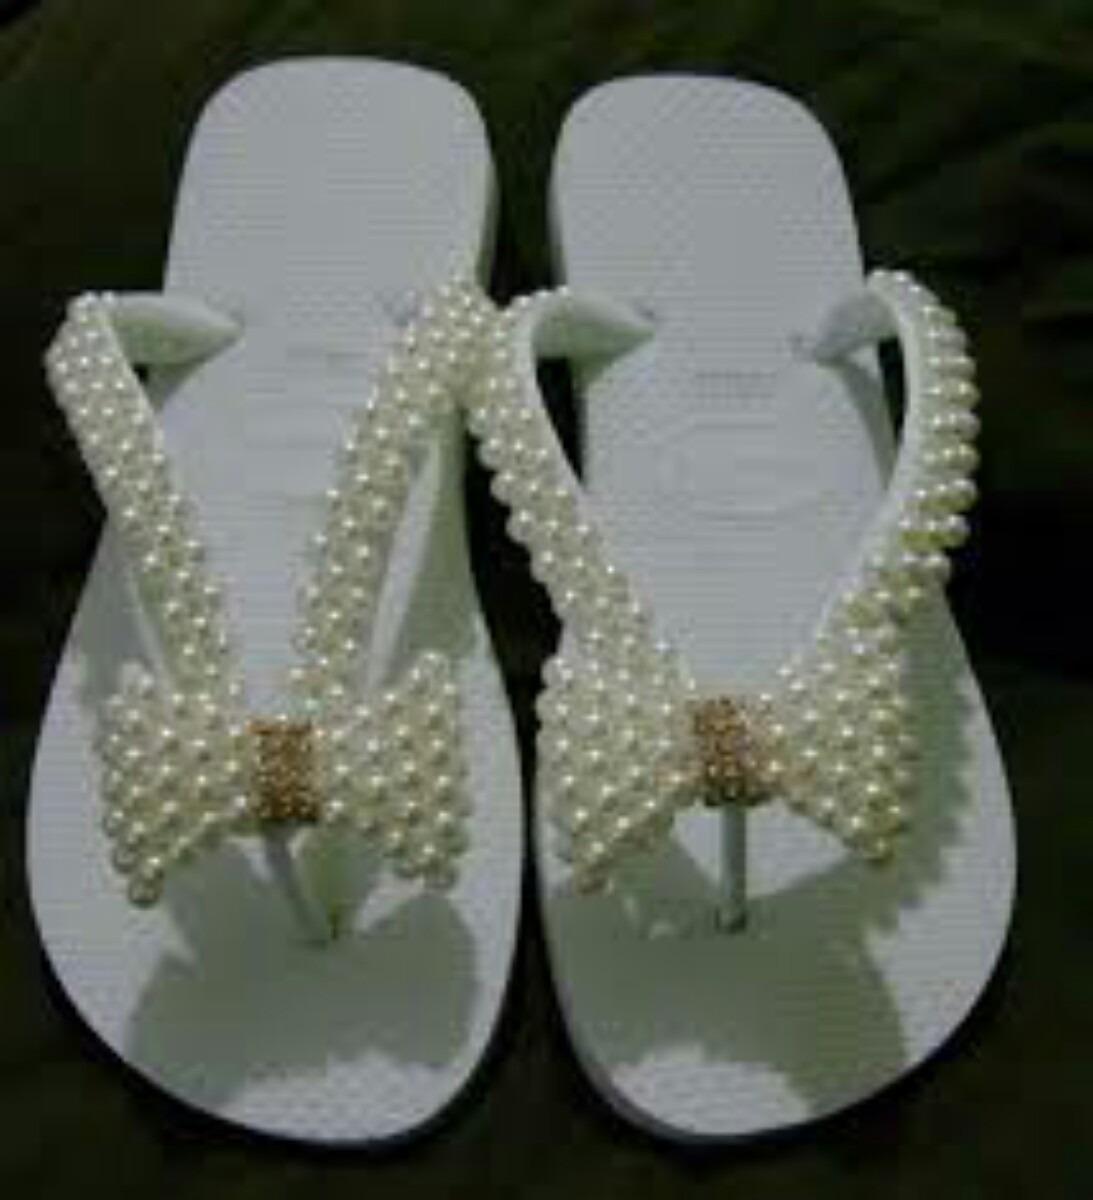 De sandalia da marca moleca - 1 part 5